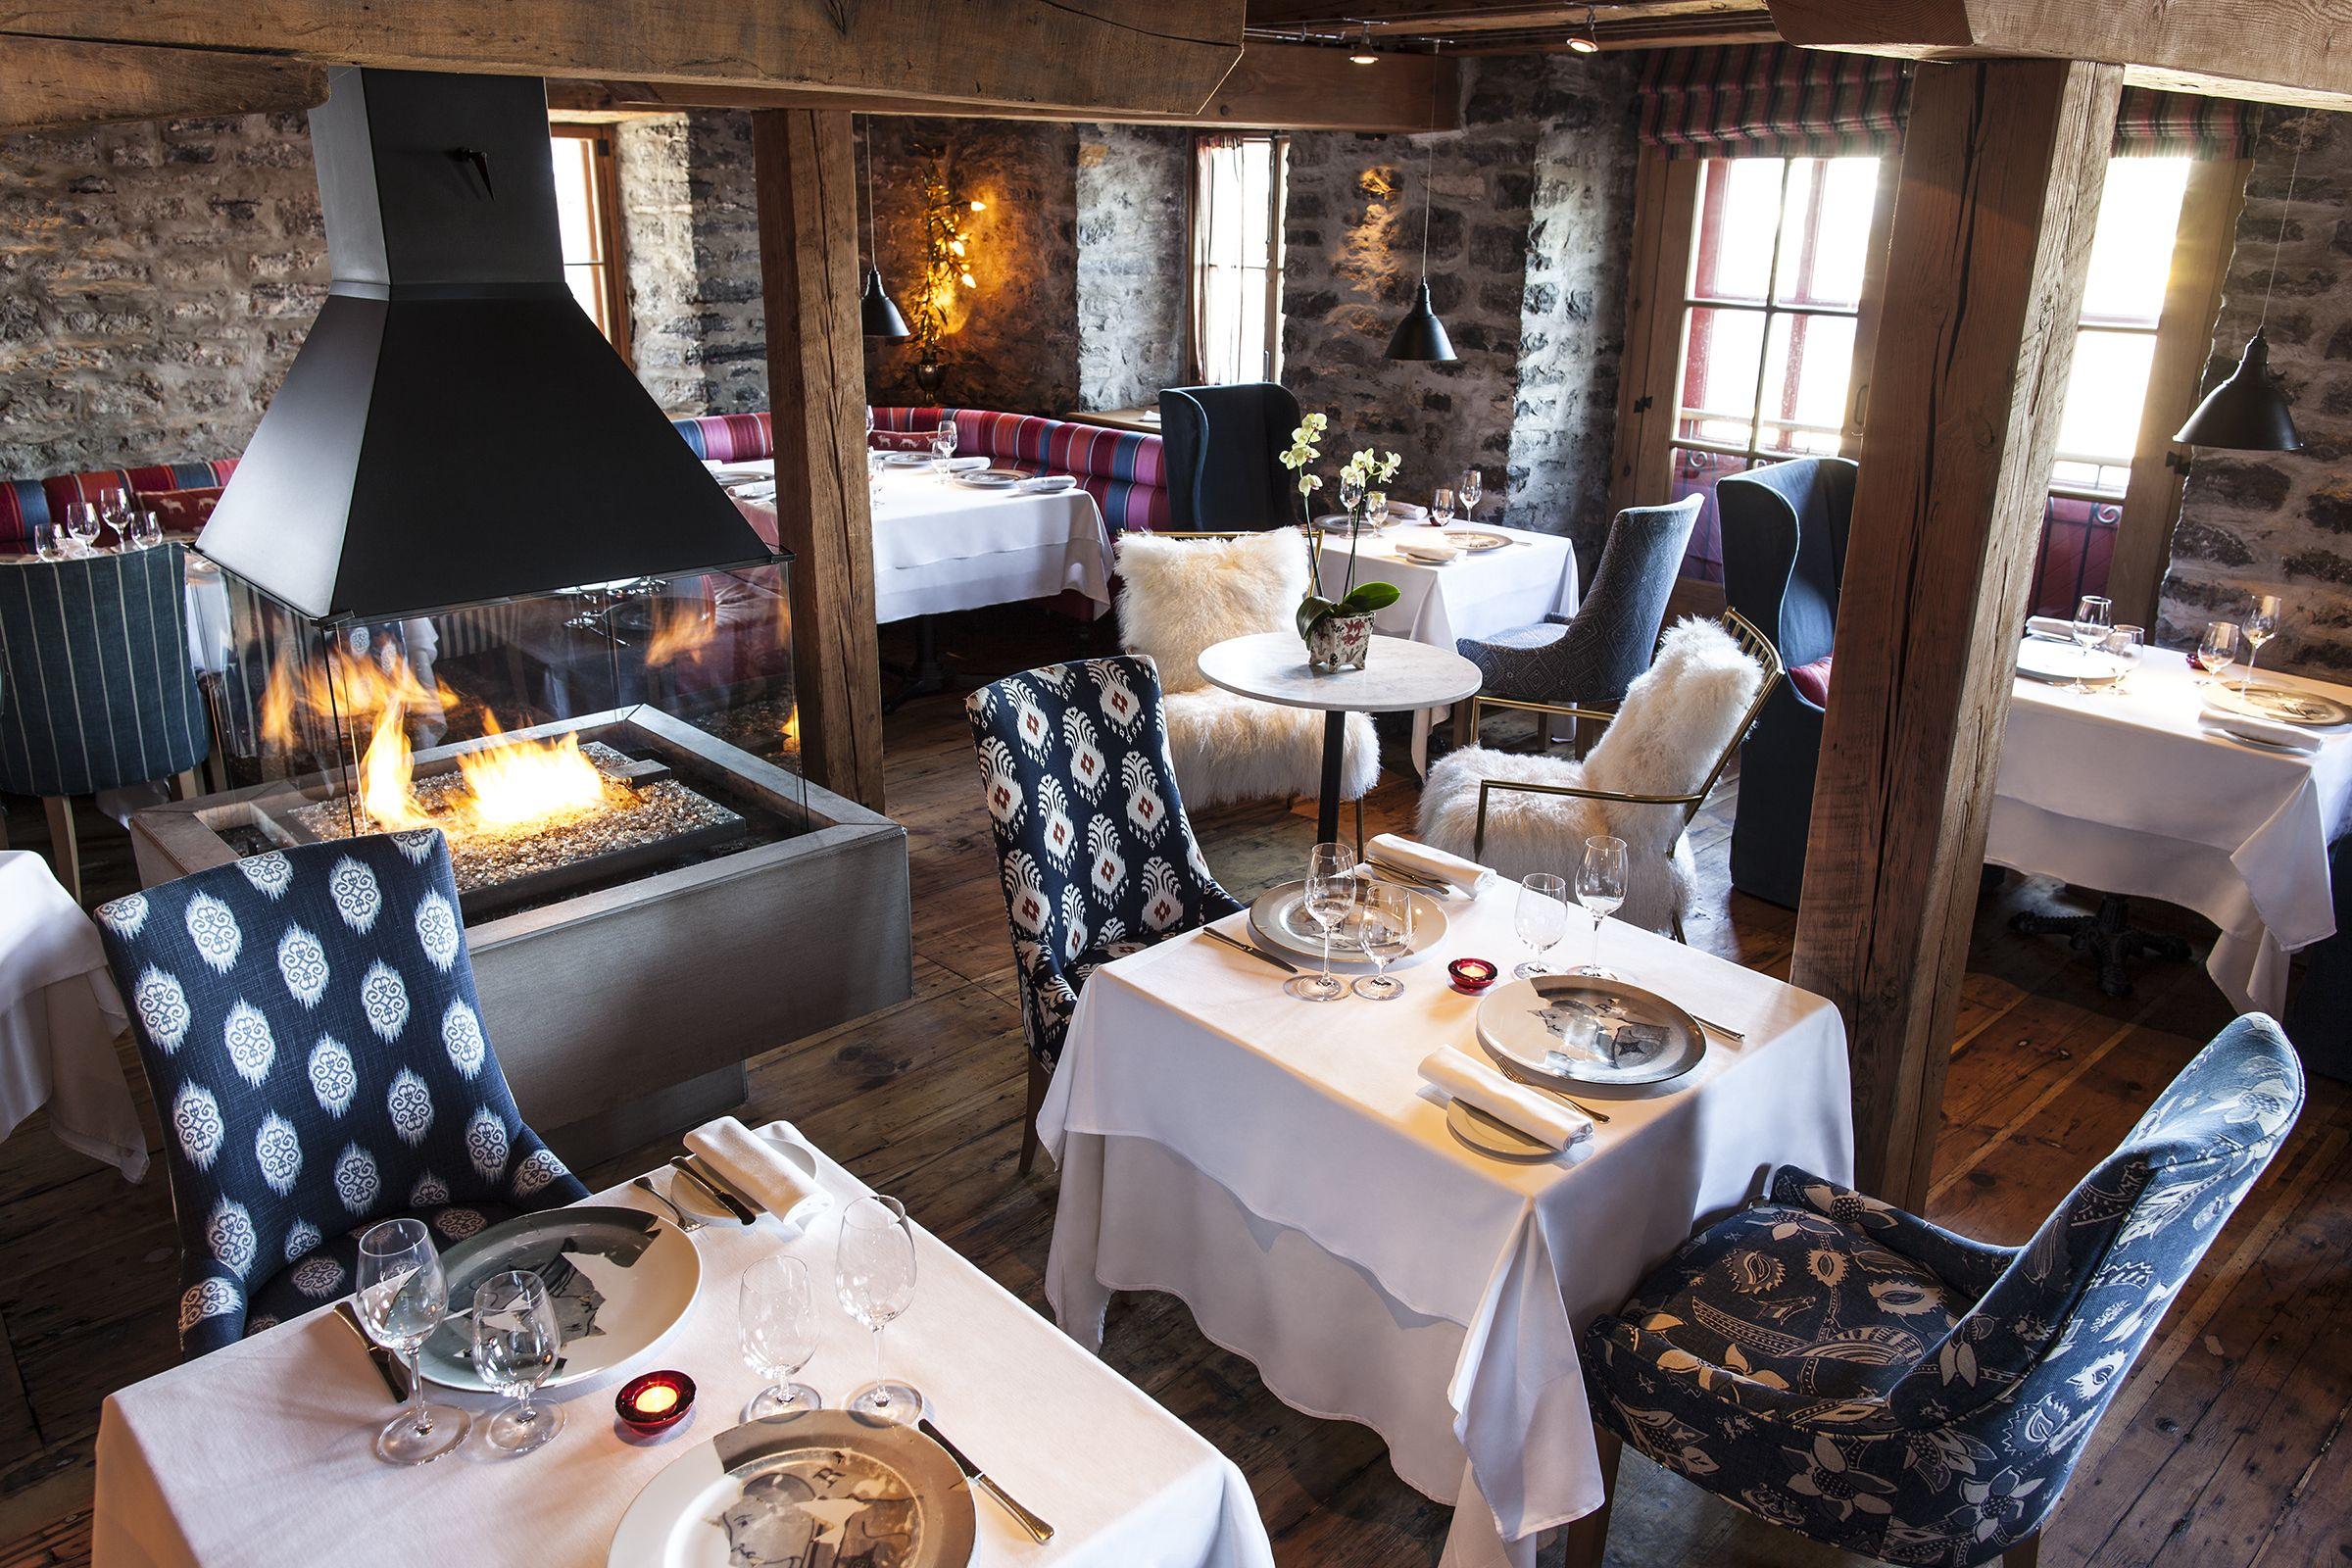 Panache Restaurant Gastronomique Elegant Et Chic A La Fois Panache 4 Diamants Restaurant Private Dining Room Wellness Design